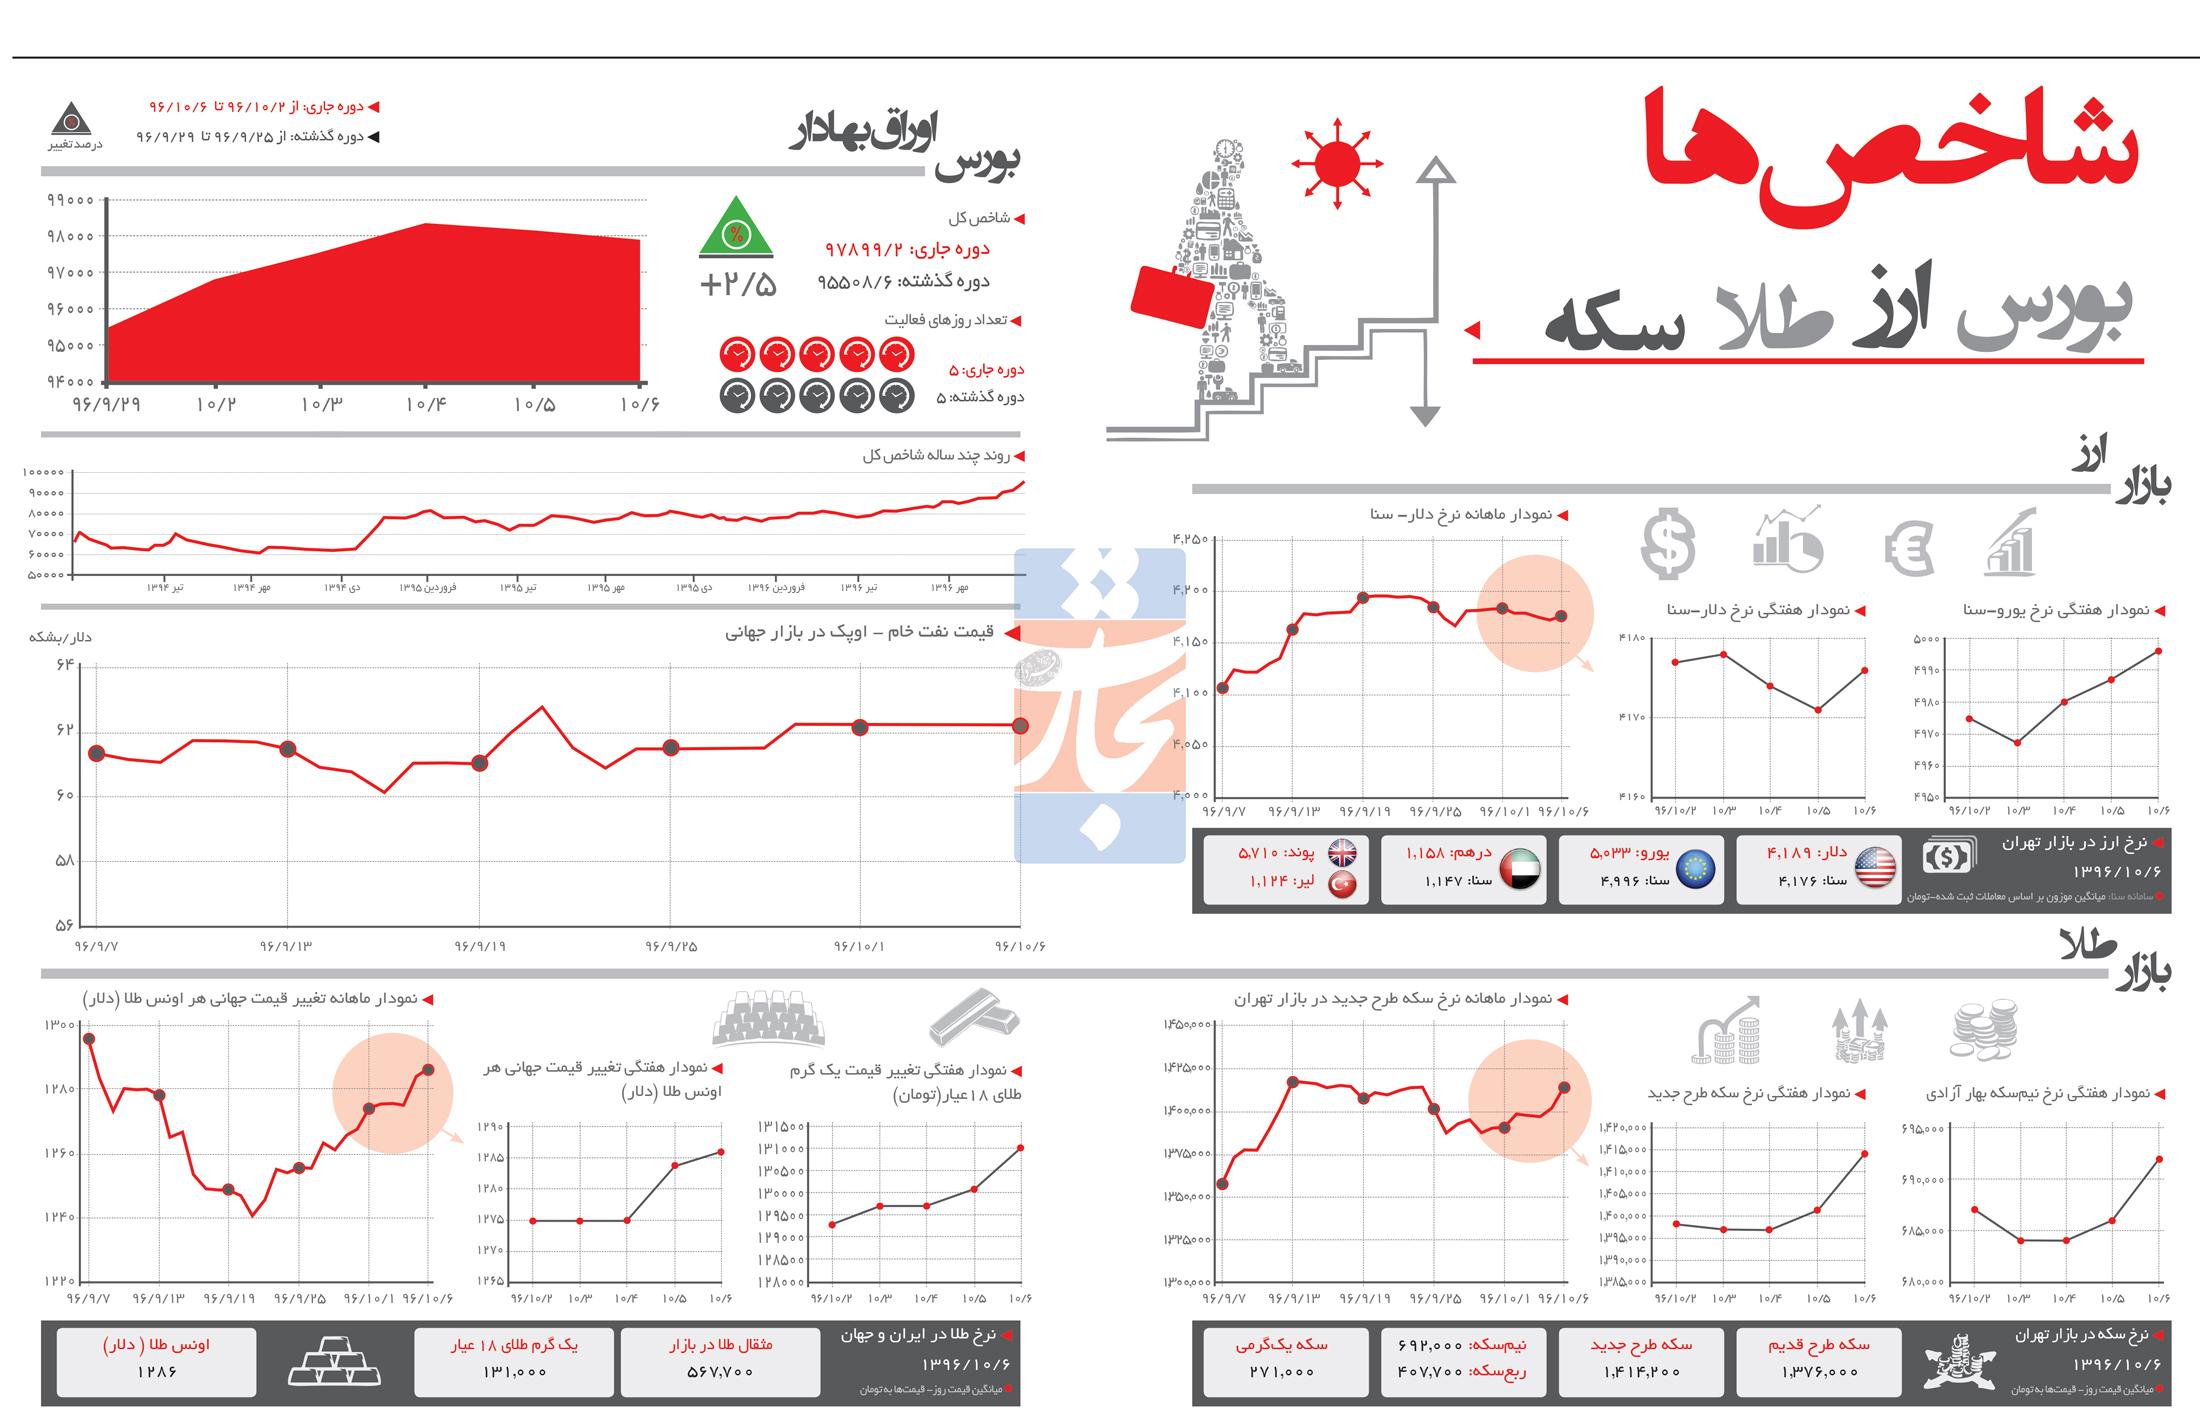 تجارت فردا- اینفوگرافیک- شاخصهای اقتصادی252